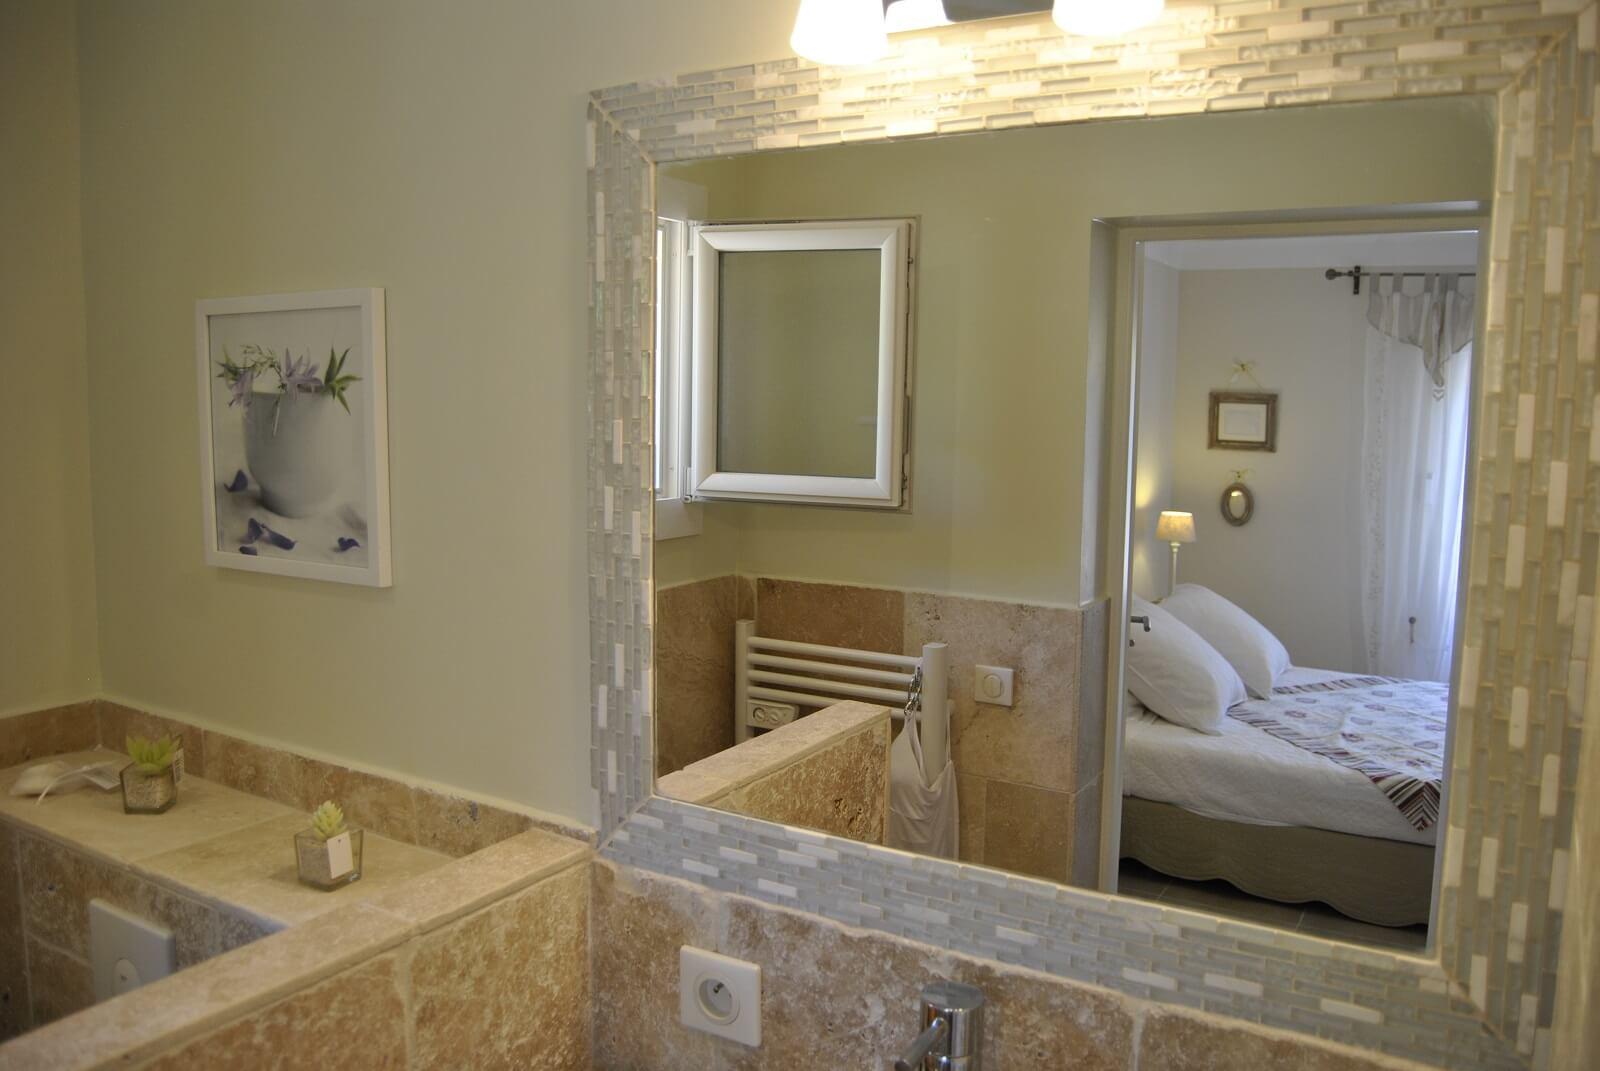 salle de bain de la chambre d'hote dans le Var nommée Fleur de Coton à Forcalqueiret